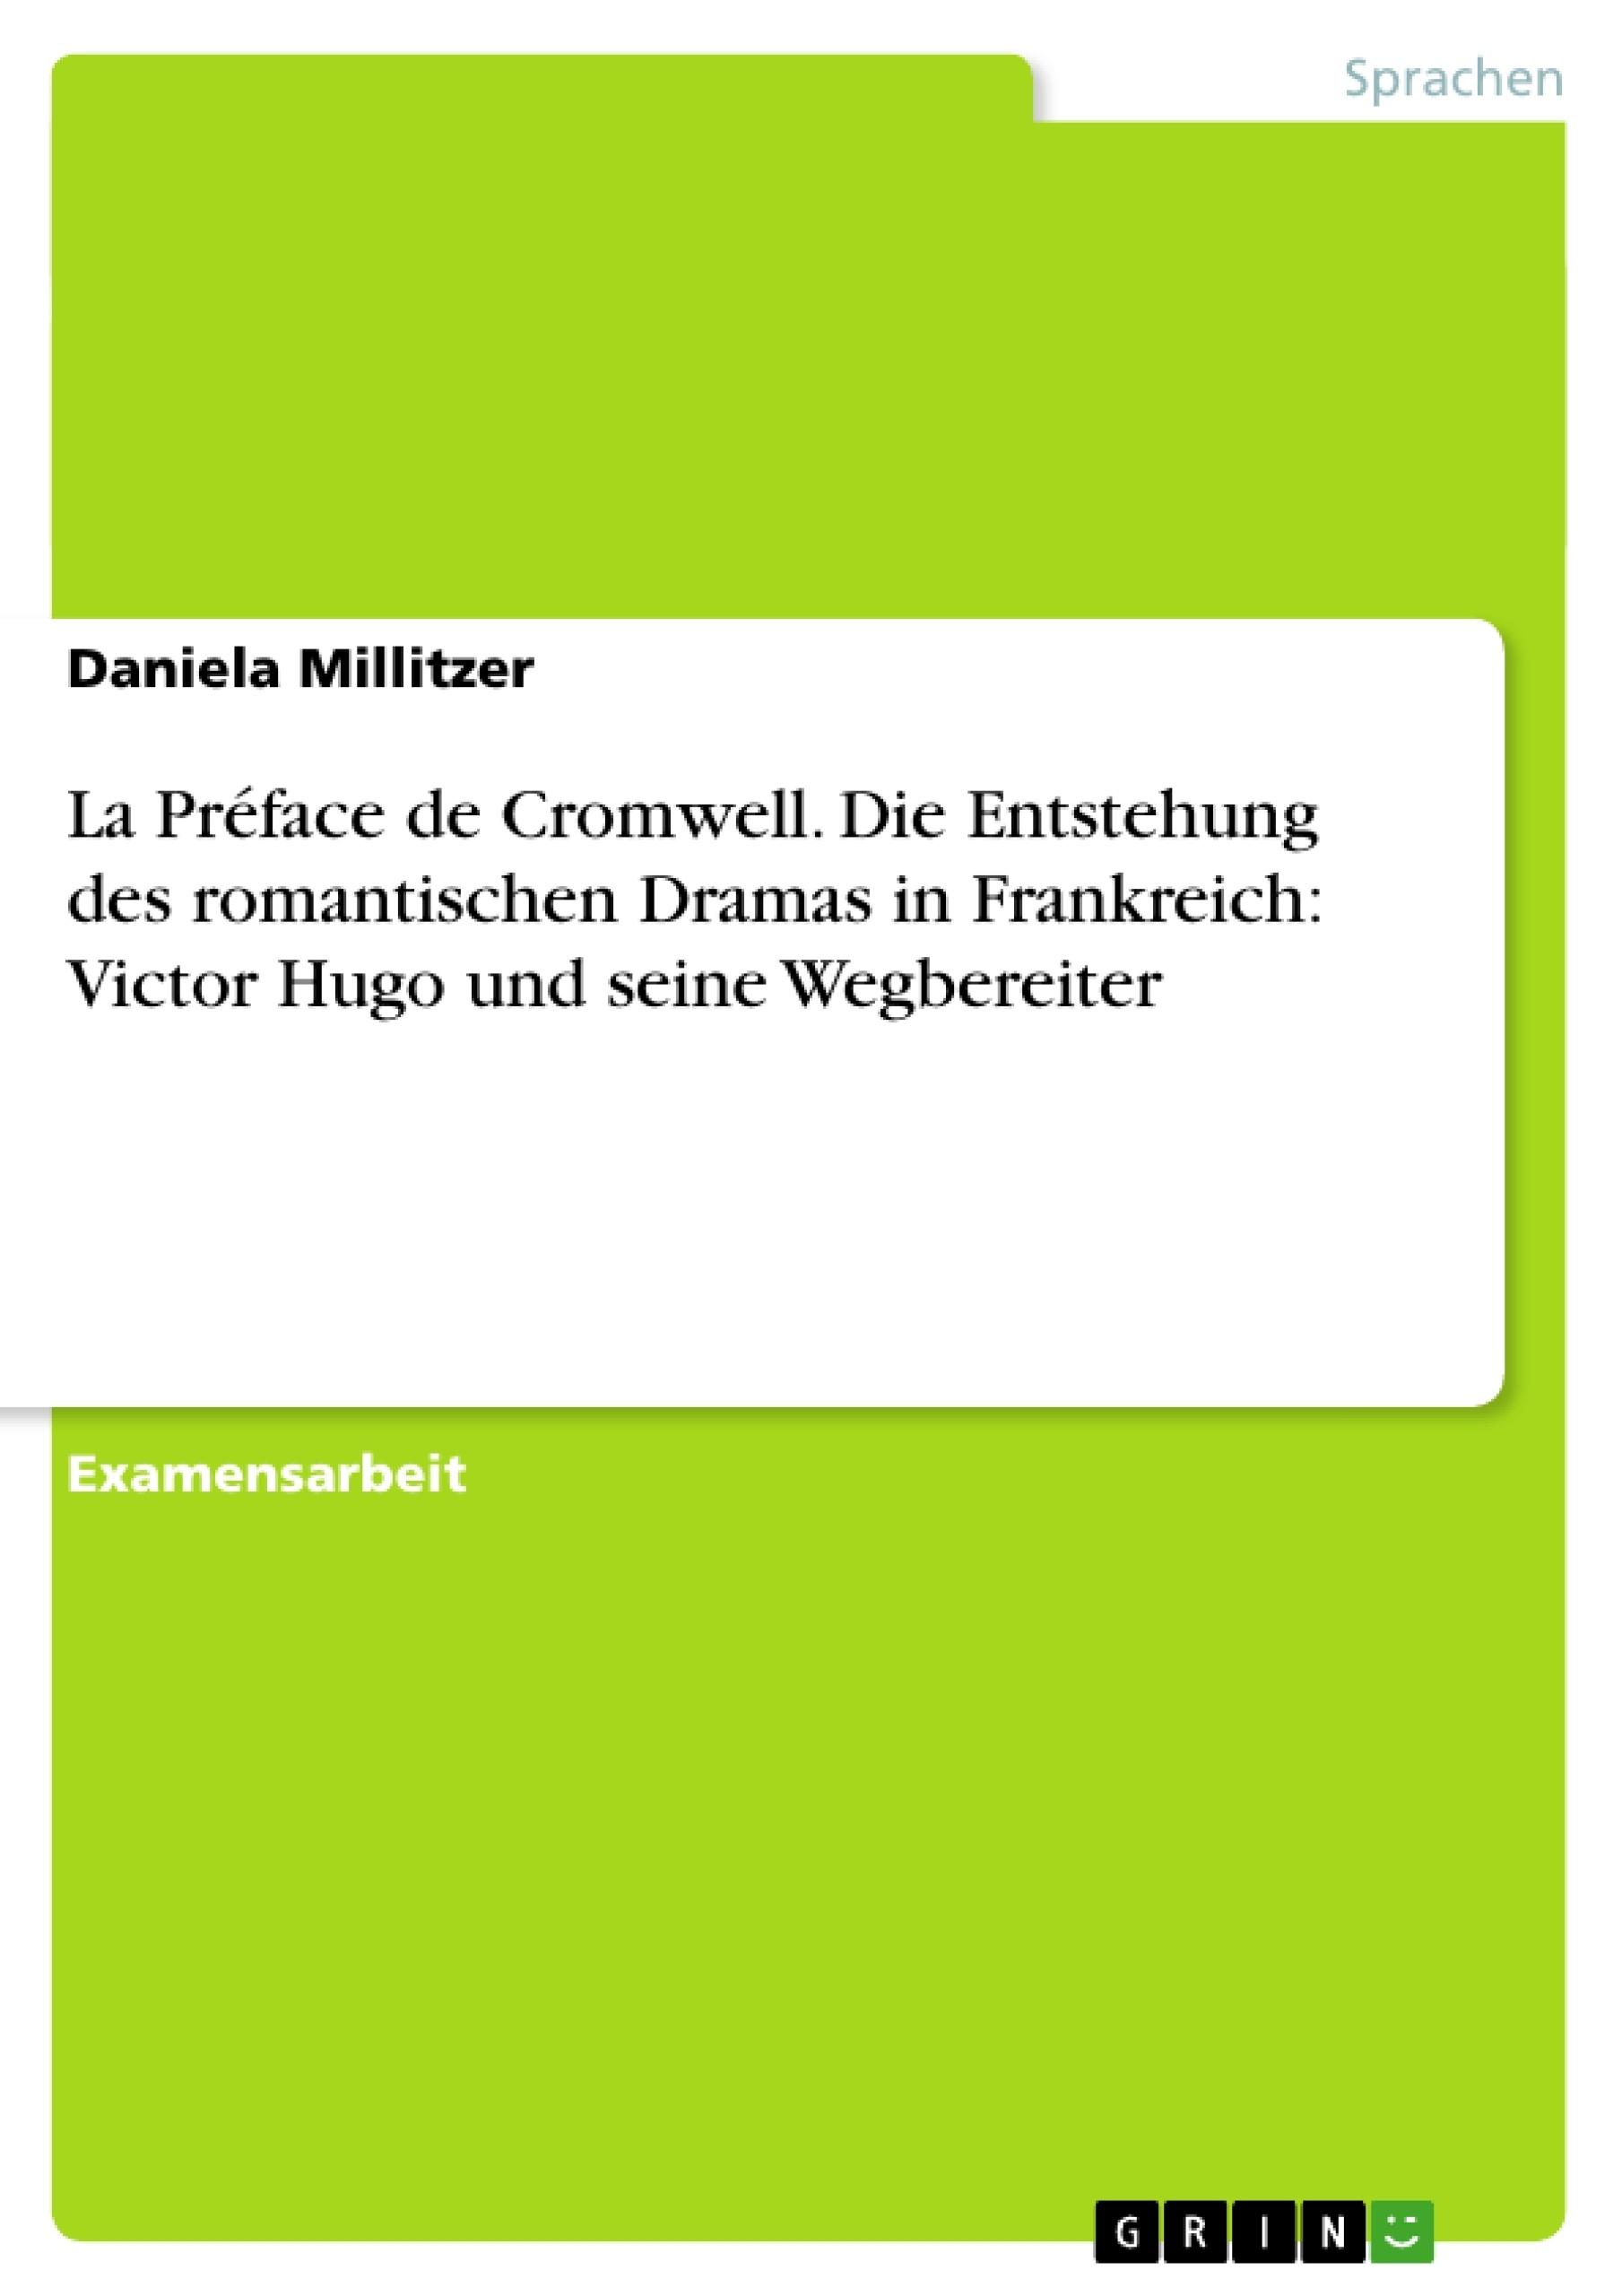 Titel: La Préface de Cromwell. Die Entstehung des romantischen Dramas in Frankreich: Victor Hugo und seine Wegbereiter